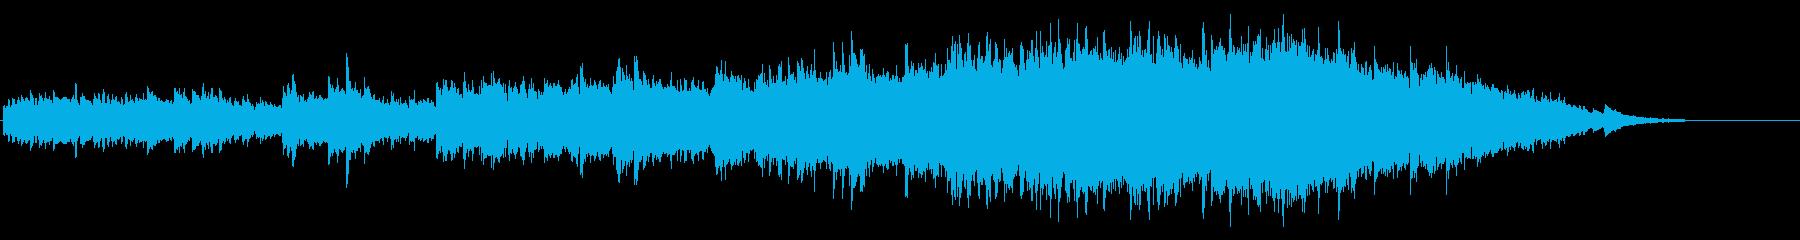 ピアノ・バラード感傷的ピアニズムの調べの再生済みの波形